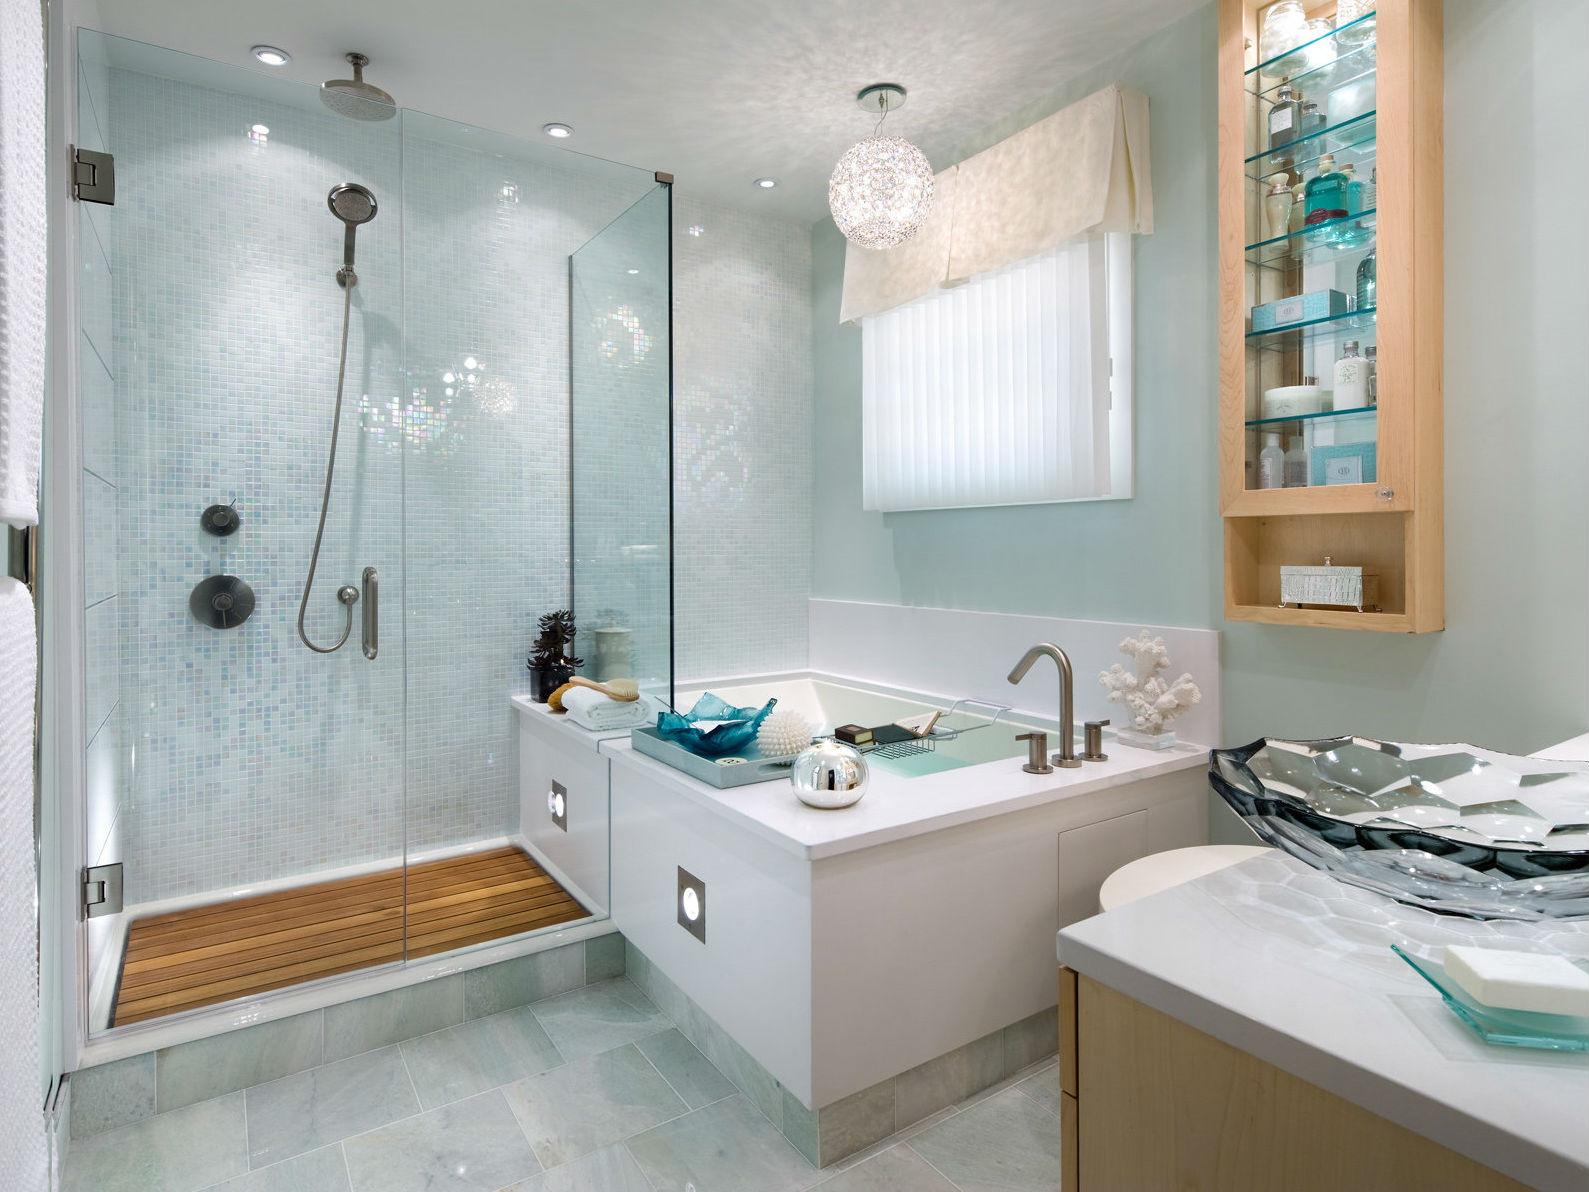 Круглая люстра и встроенное освещение в ванной